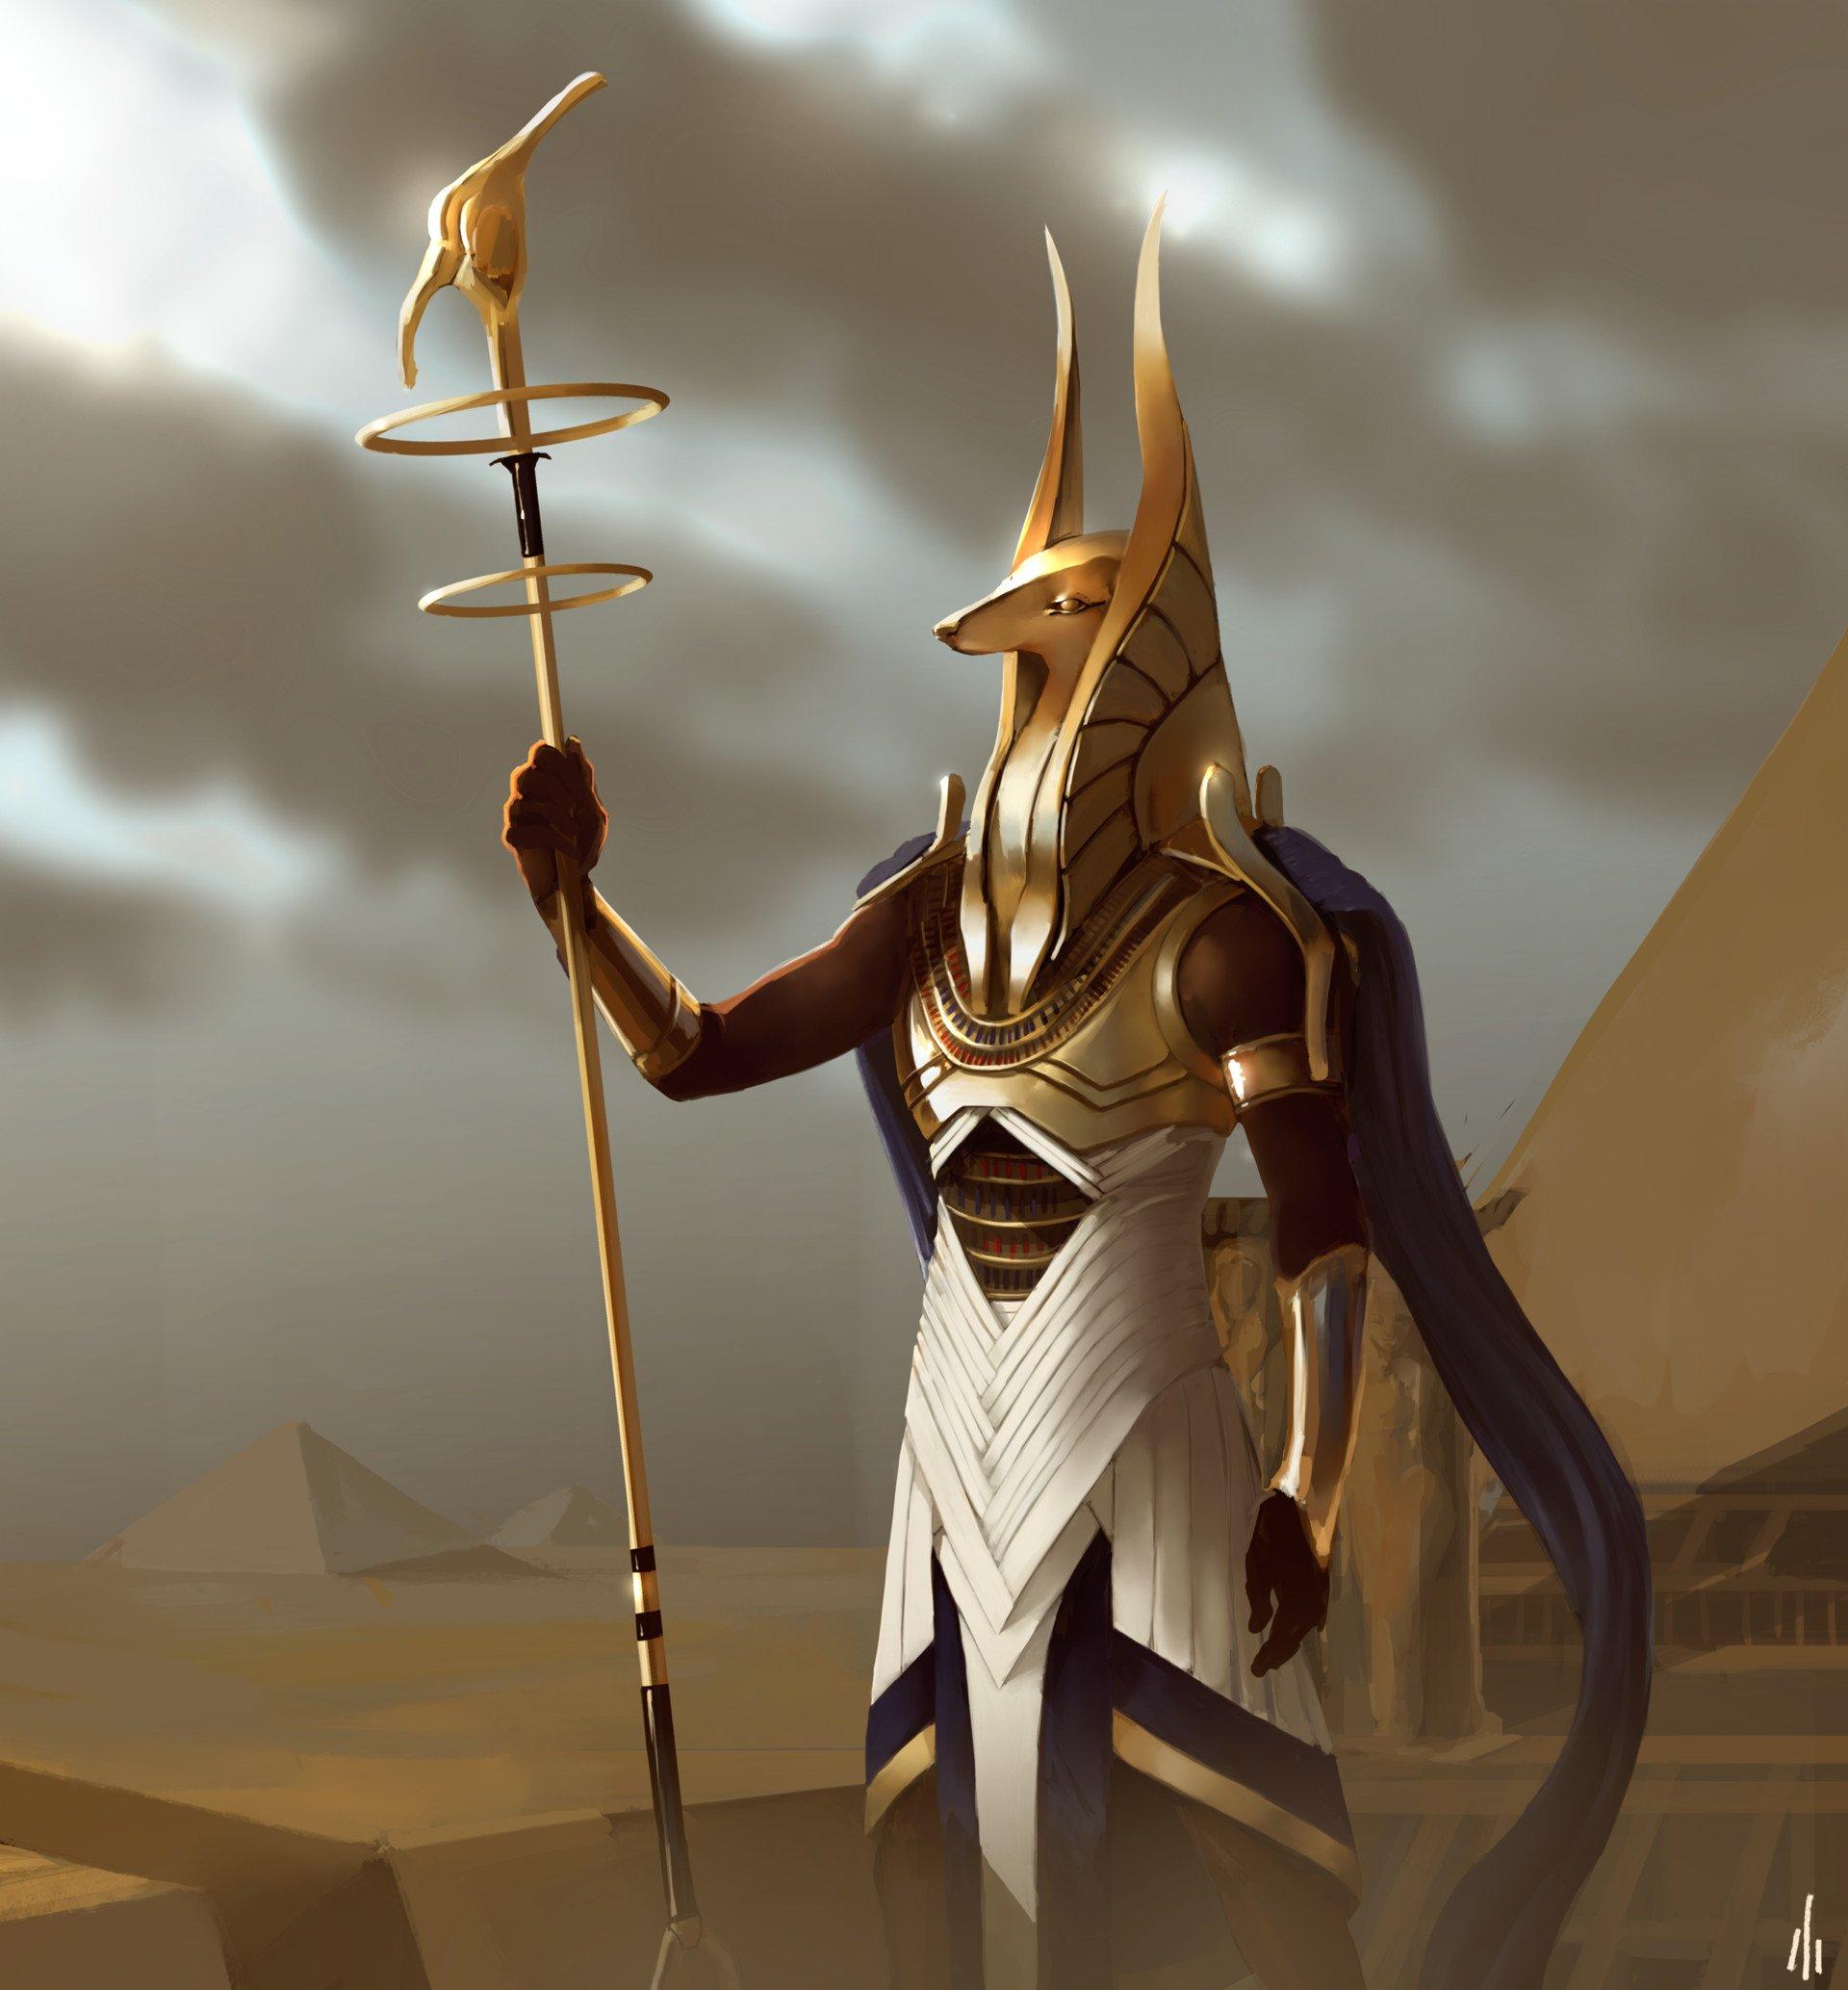 все боги египта фото